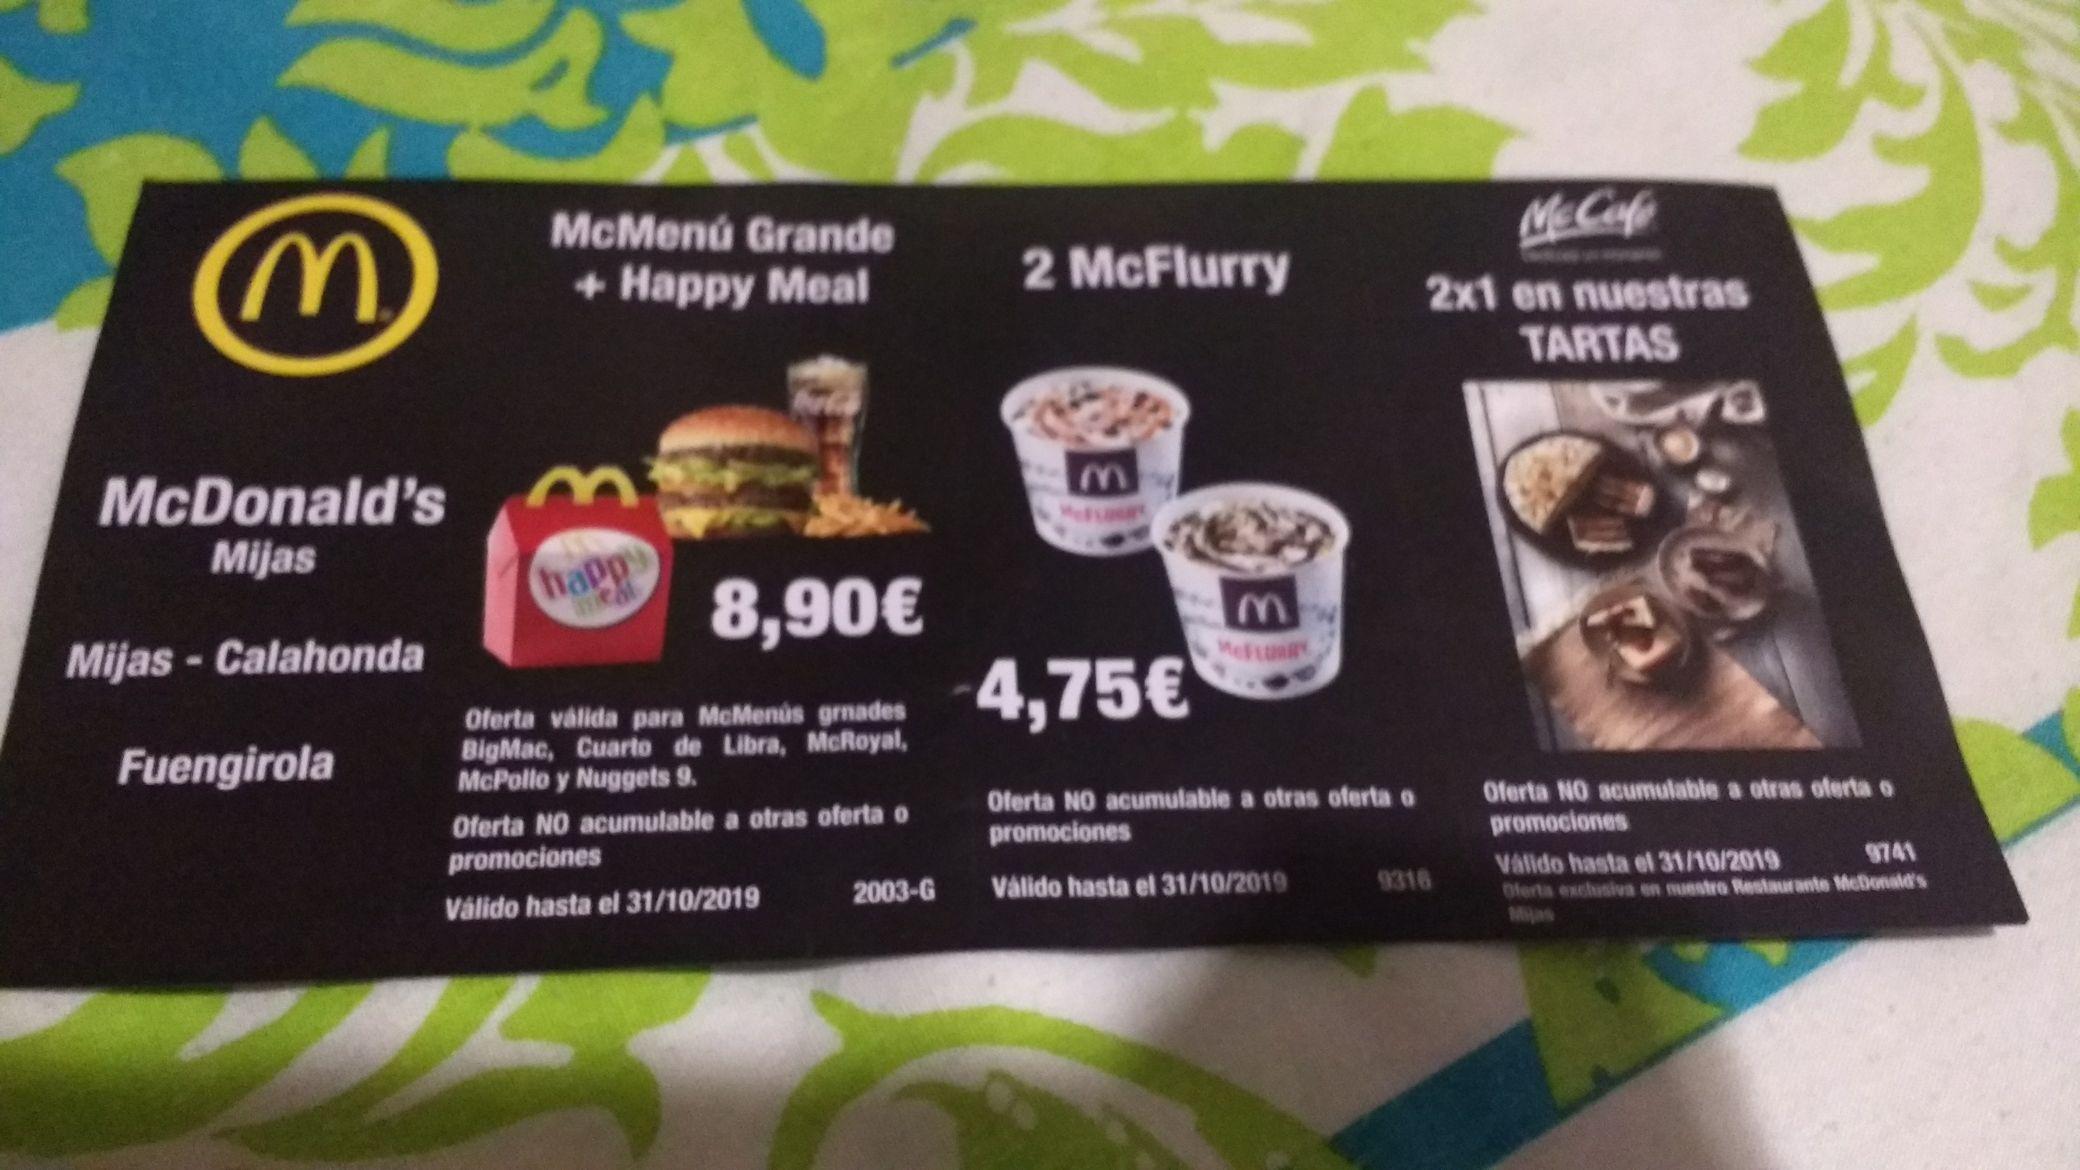 Cupones Descuento McDonald's En Fuengirola, Mijas y Calahonda (Málaga)